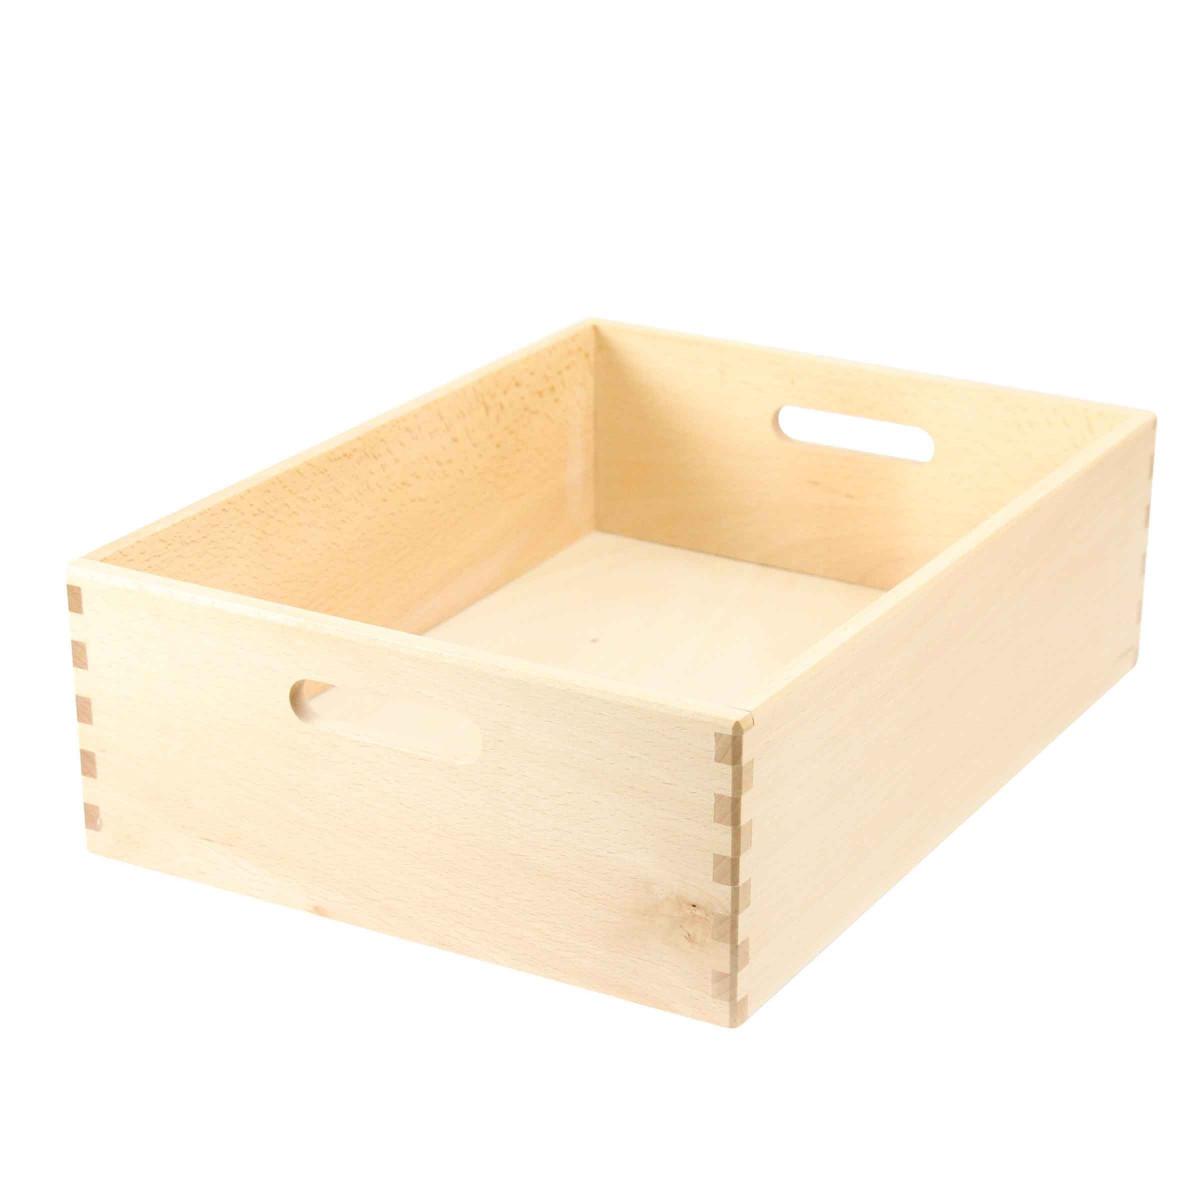 bac de rangement en bois clair 40x30x14. Black Bedroom Furniture Sets. Home Design Ideas